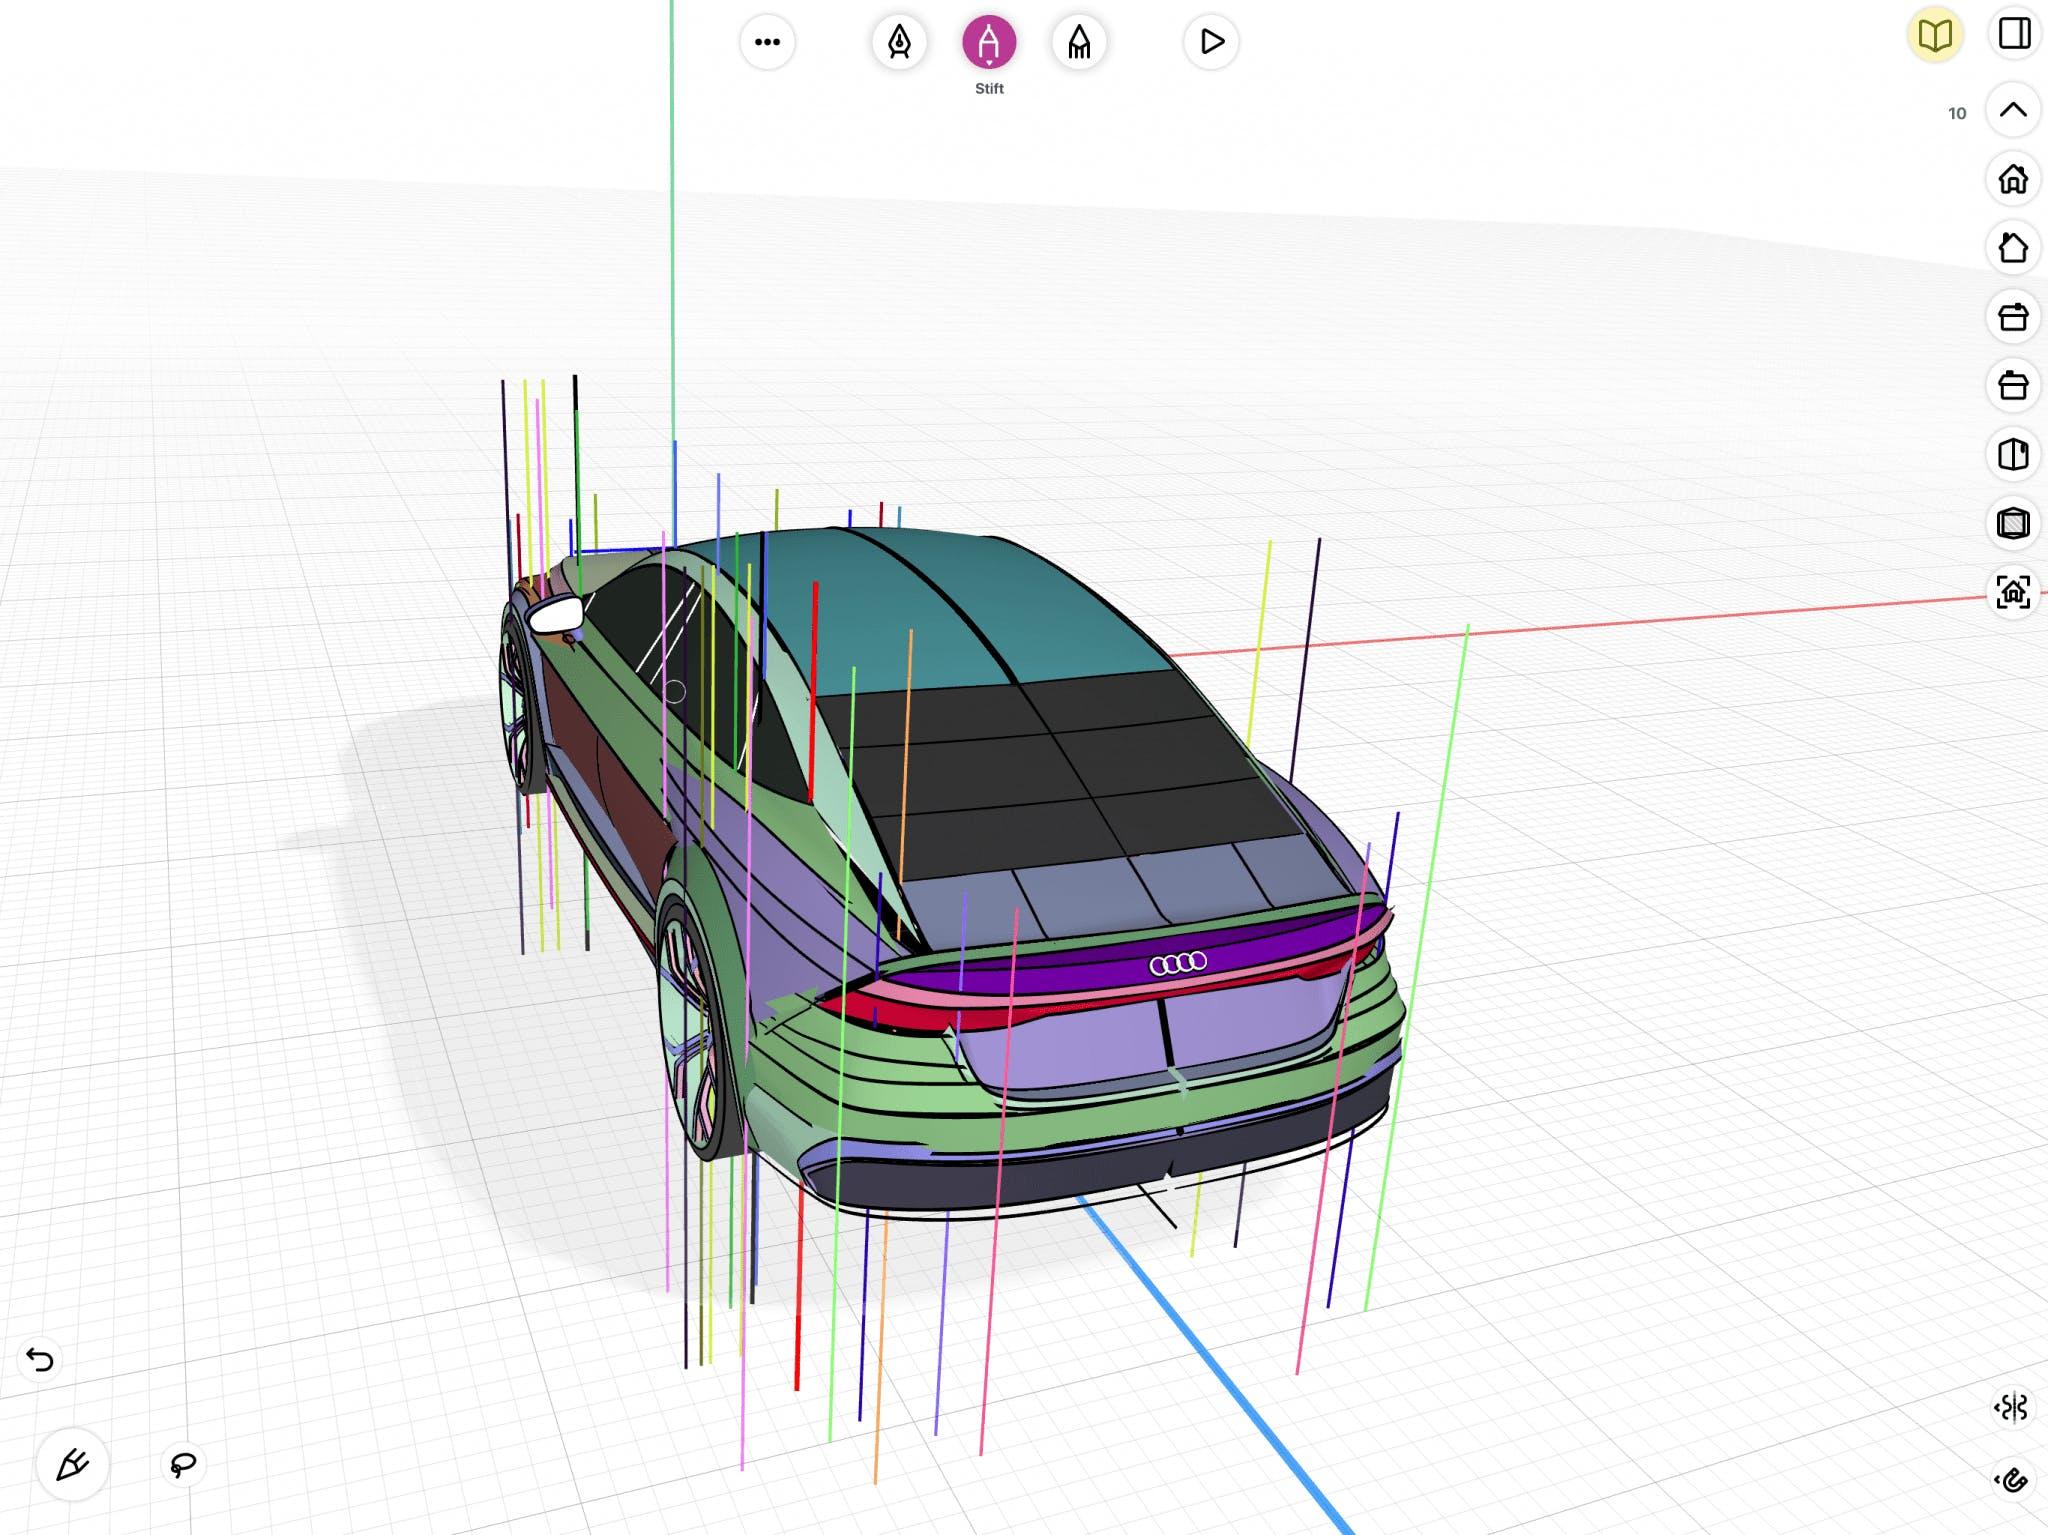 Aleksander Dietrich - Peak points visualization in uMake